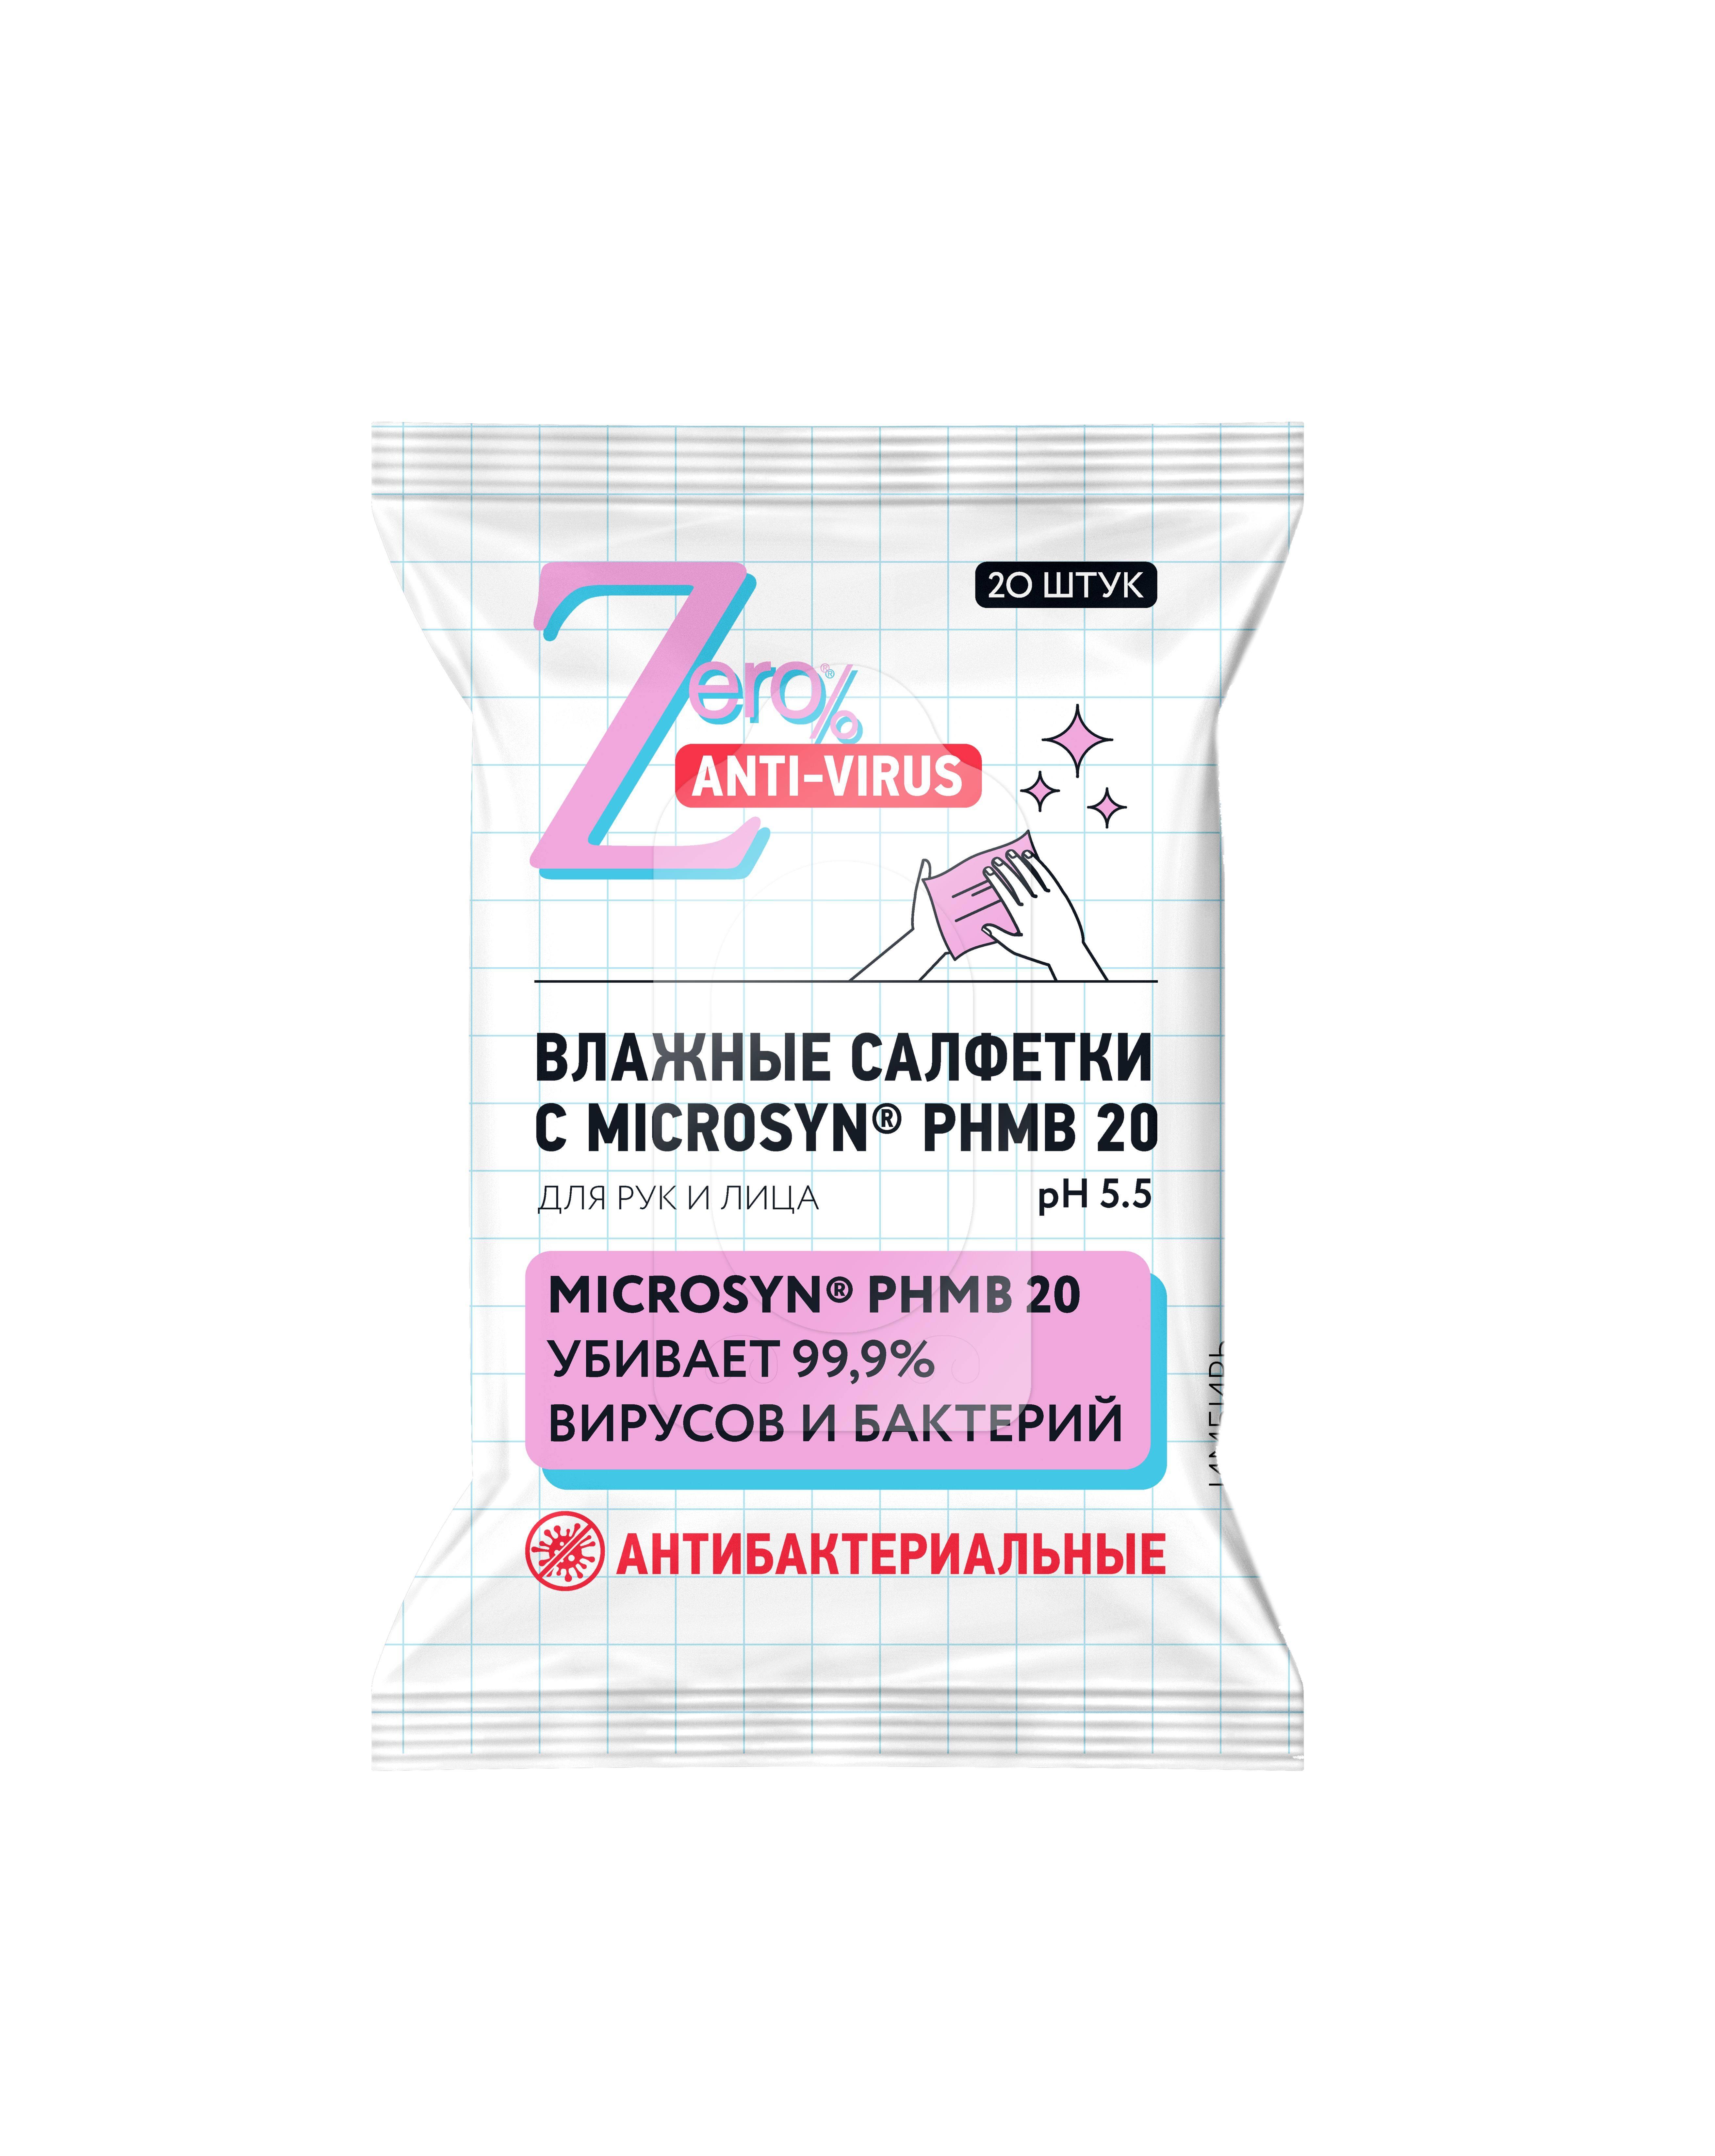 Купить ZERO Anti-Virus Антибактериальные влажные салфетки для рук и лица 20 шт. (shop: Organic-shops Organic shops)